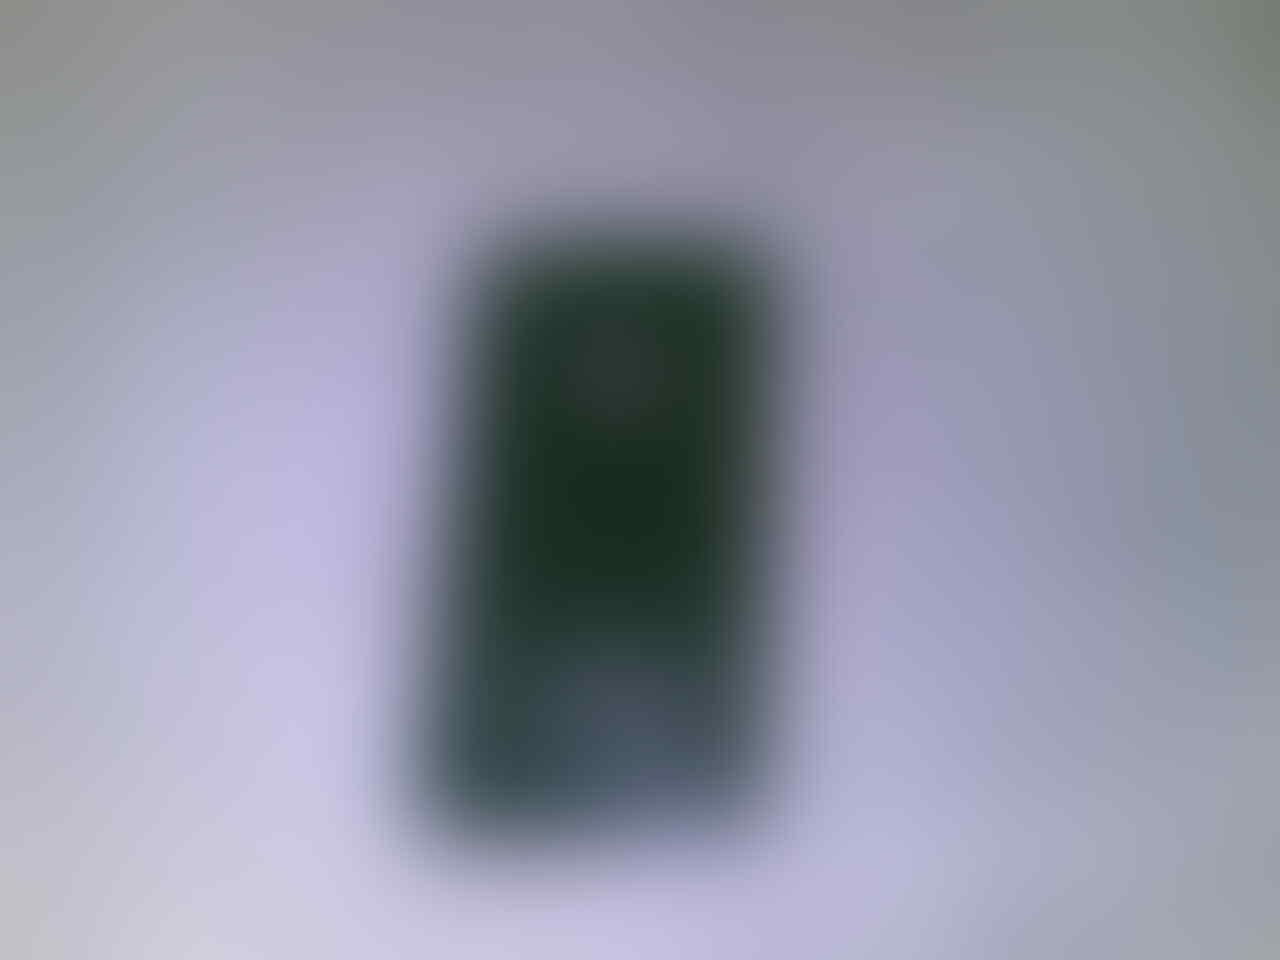 jual iPhone 4s batangan